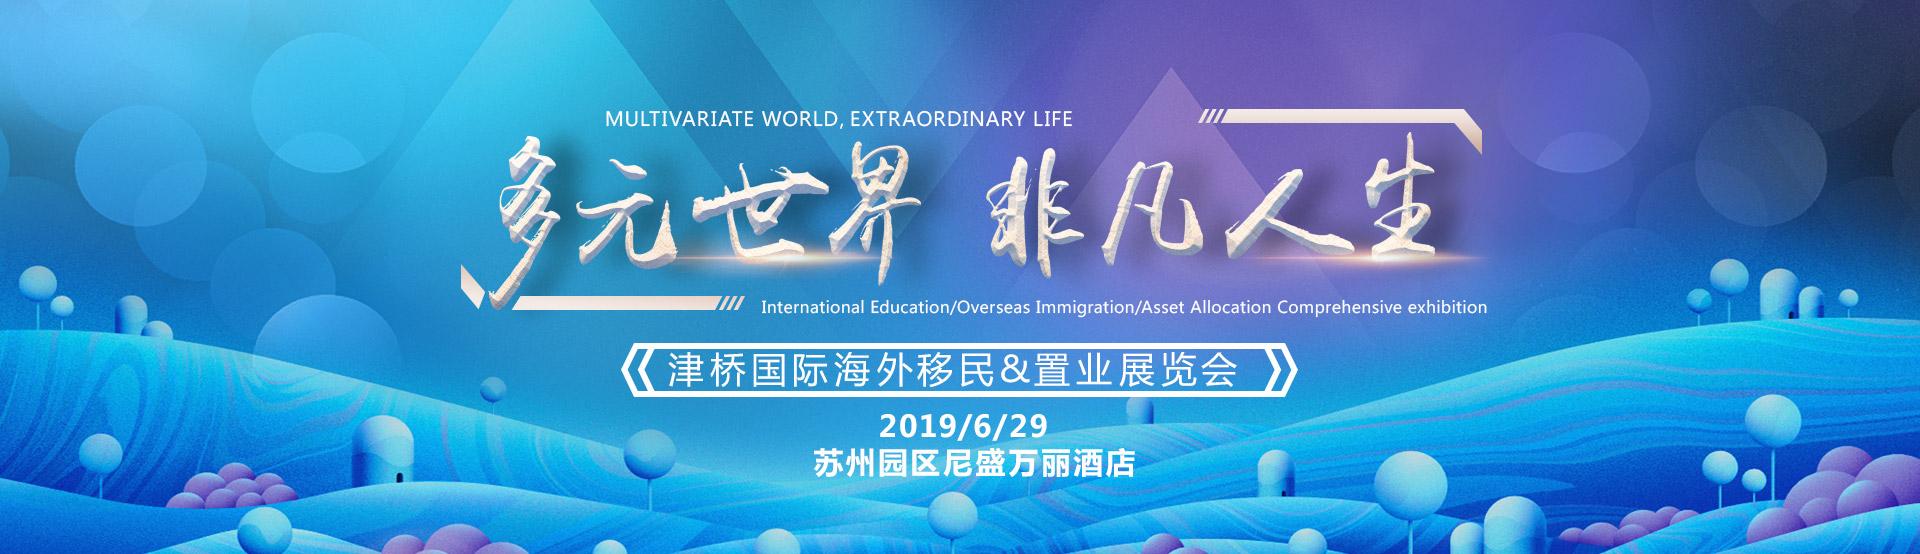 【苏州分公司】津桥国际海外移民&置业展览会!